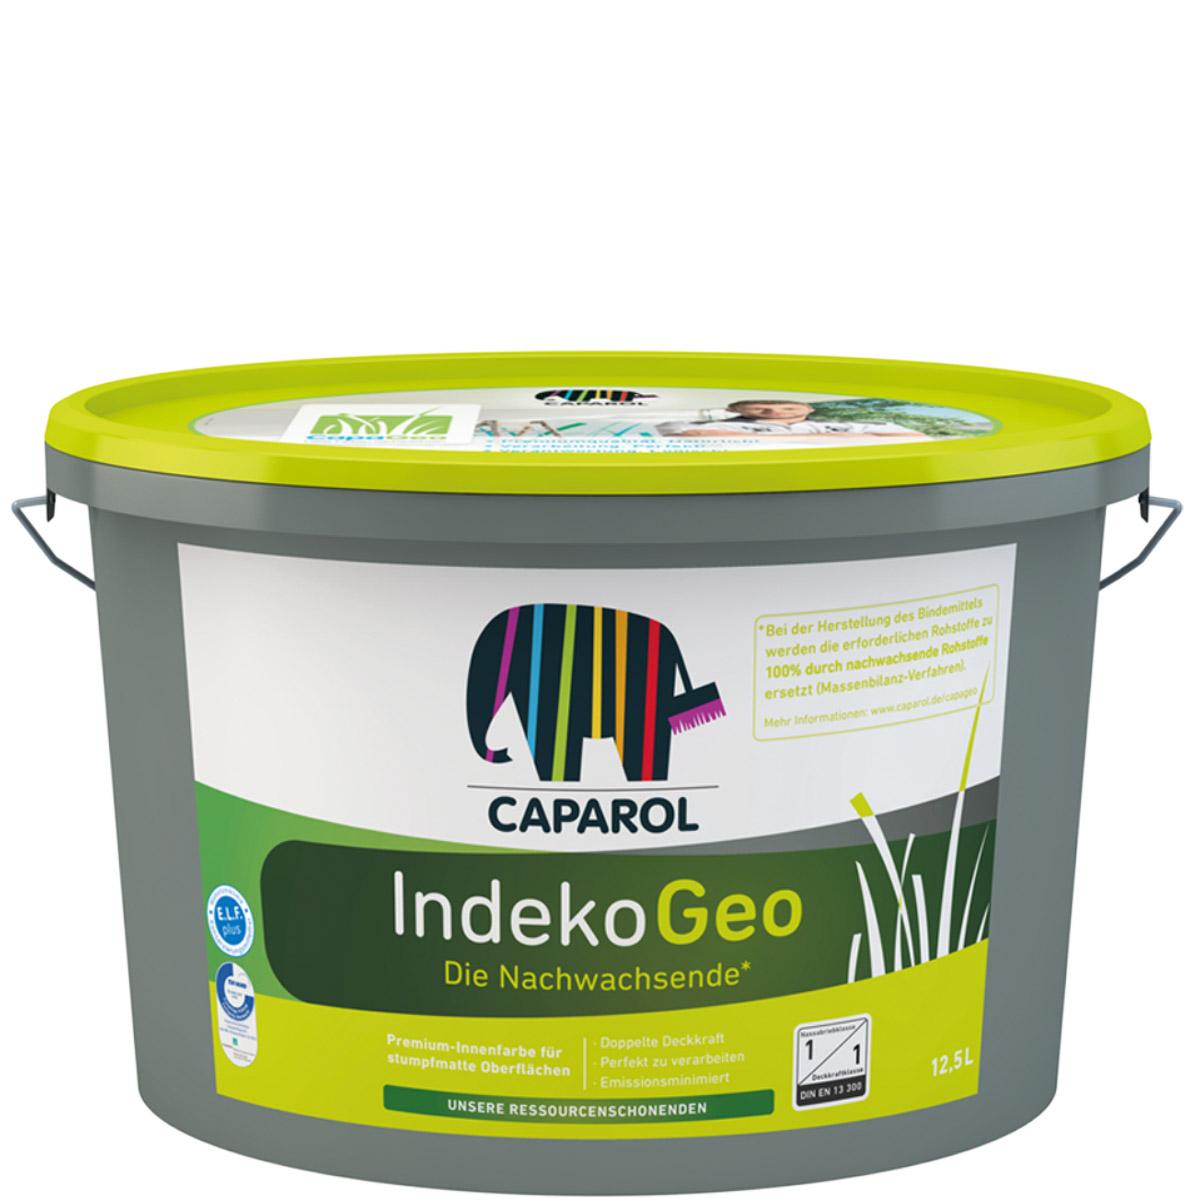 Caparol Indeko Geo 12,5L weiß, Ressourcenschonende Premium Innenfarbe